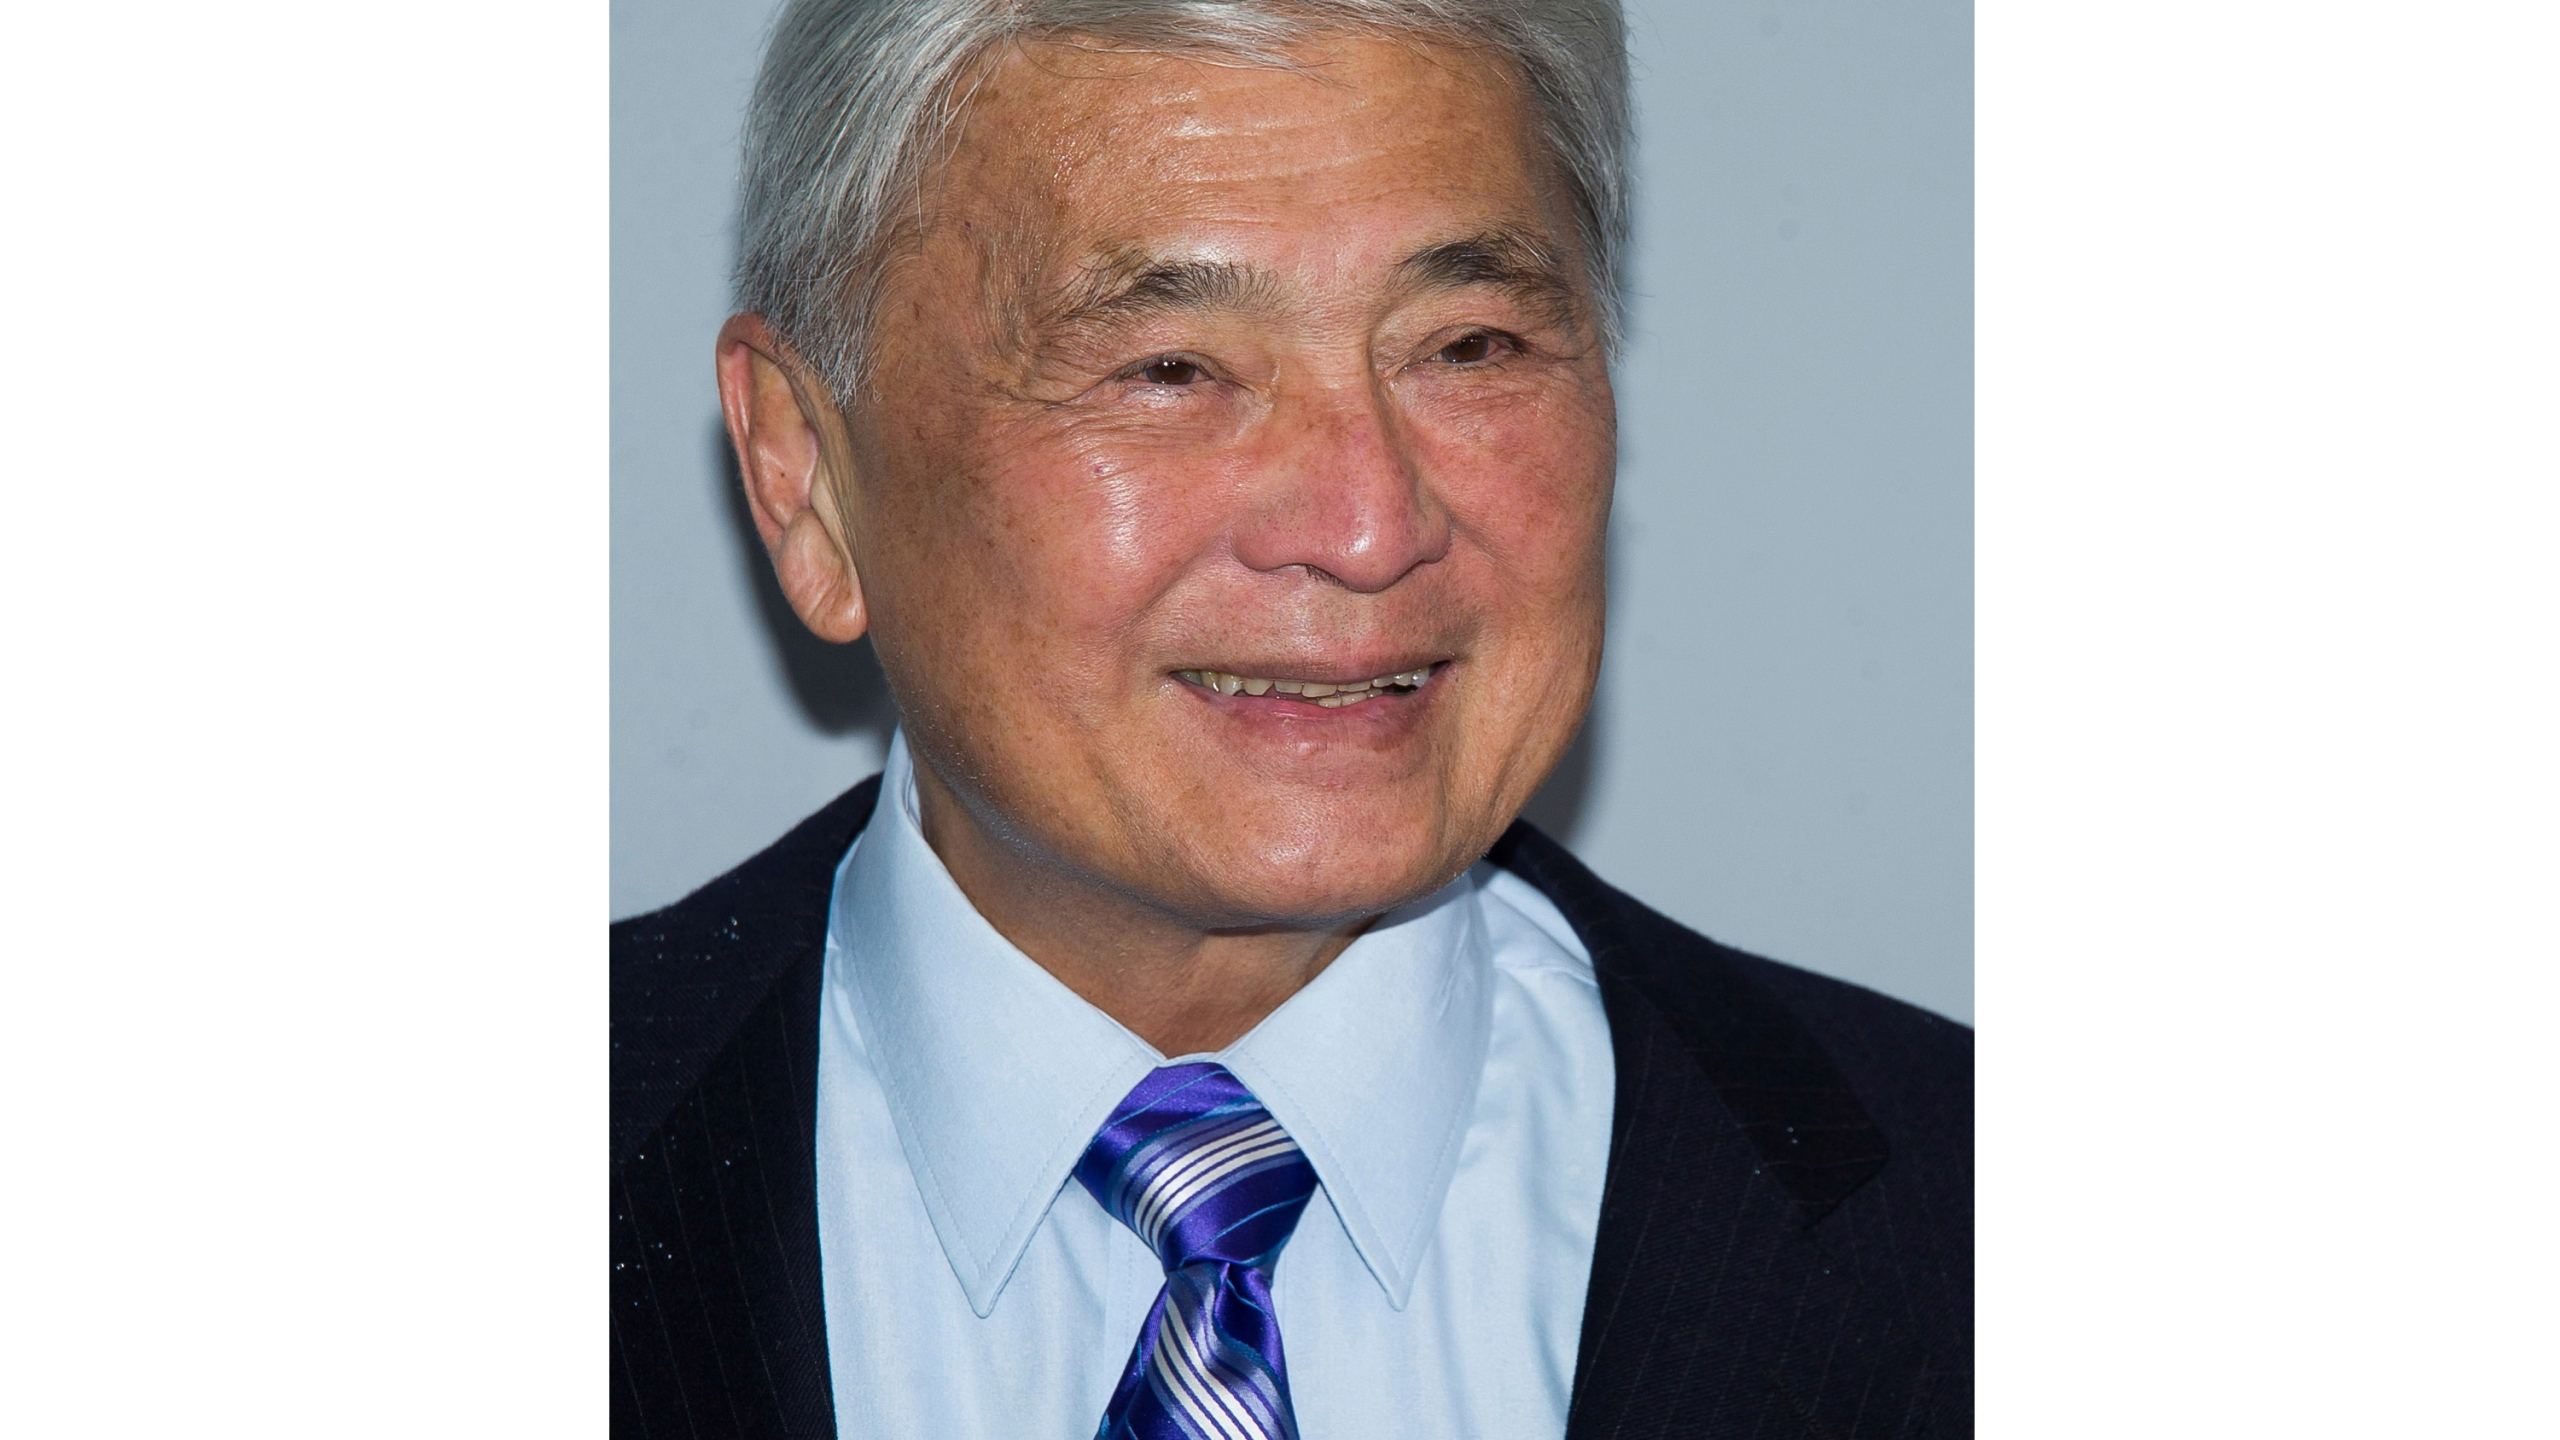 Alvin Ing